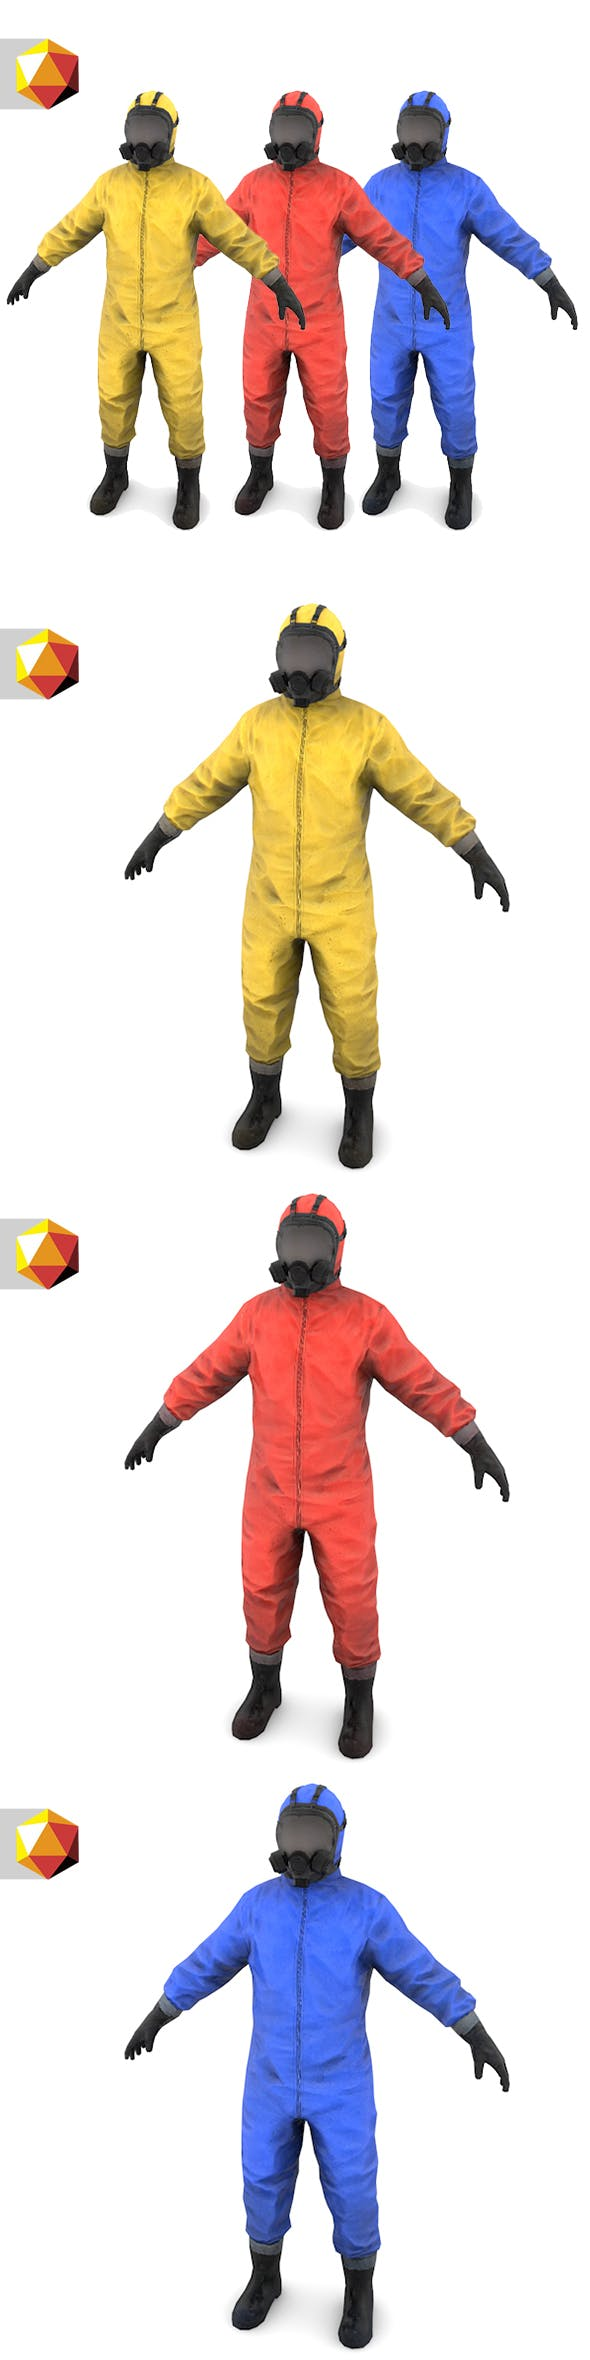 """Bio suit """" Hazmat worker """" - 3DOcean Item for Sale"""